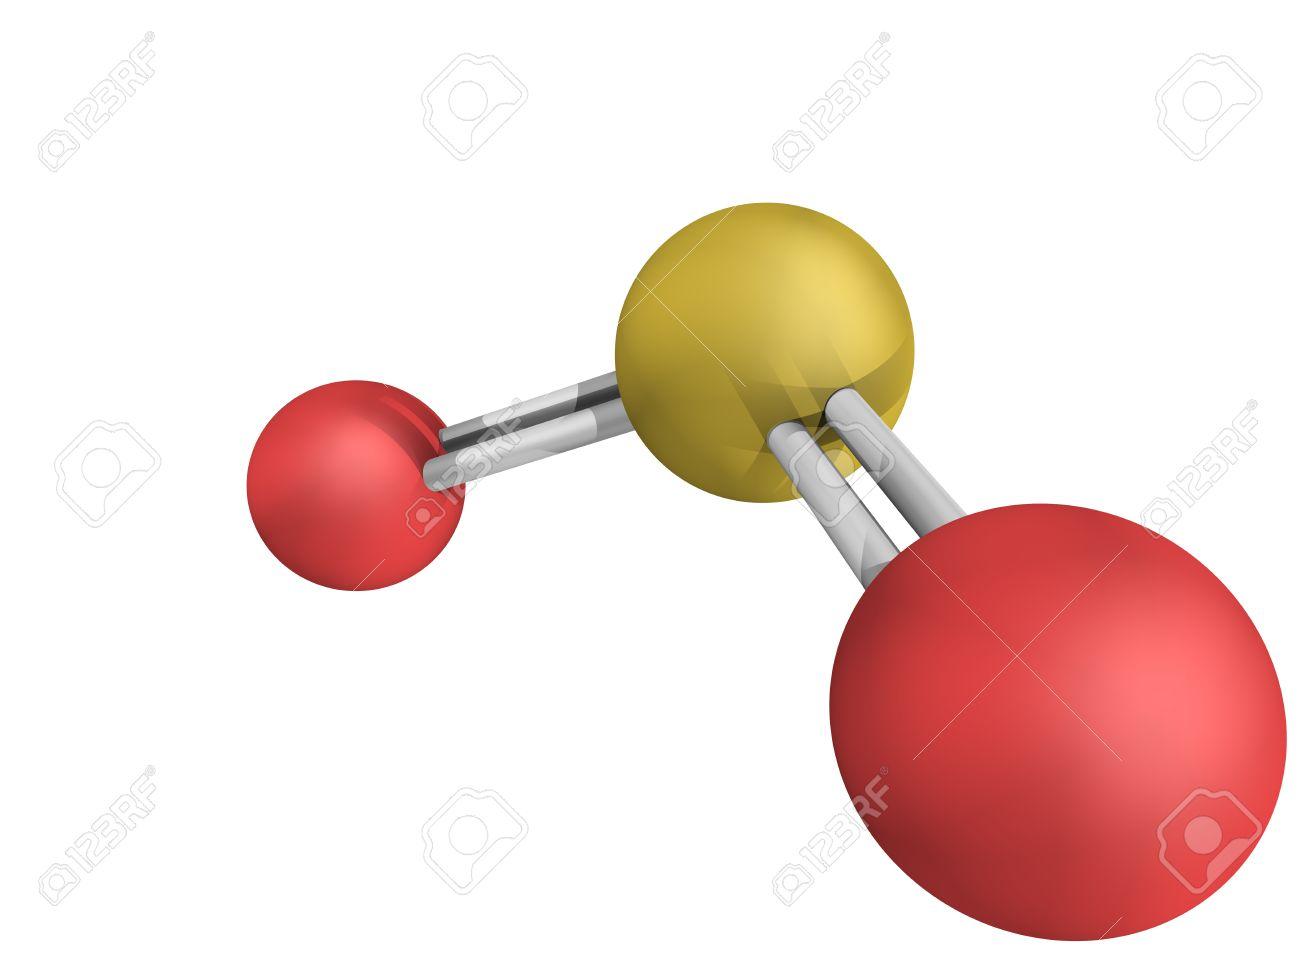 二酸化硫黄 (SO2 二酸化硫黄) の...